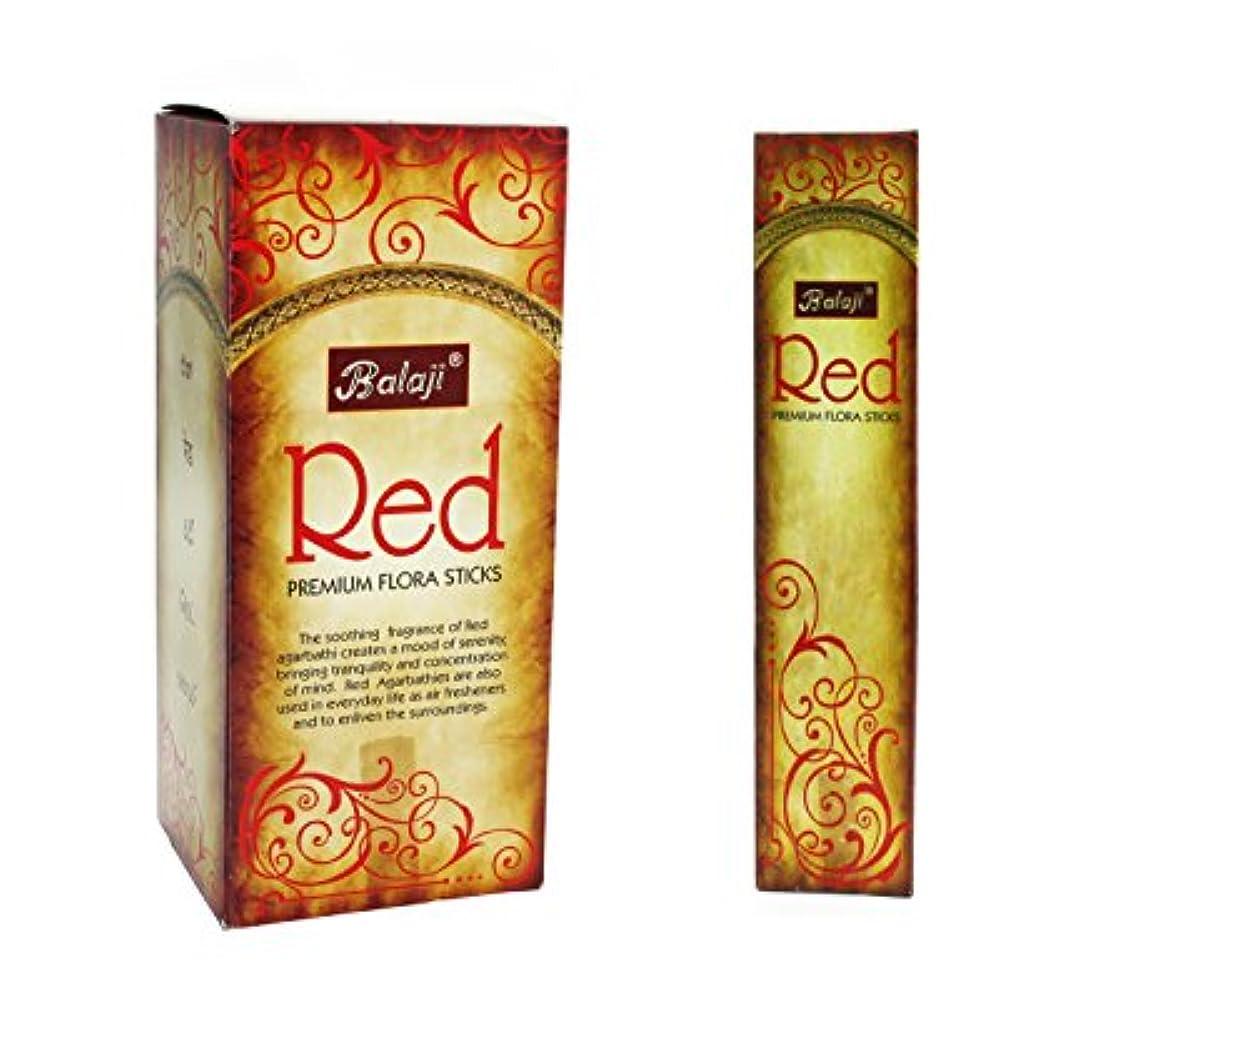 おもしろい水素ノミネートBalaji Red Premium Flora Sticks (Incense/Joss Sticks/ Agarbatti) (12 units x 15 Sticks) by Balaji